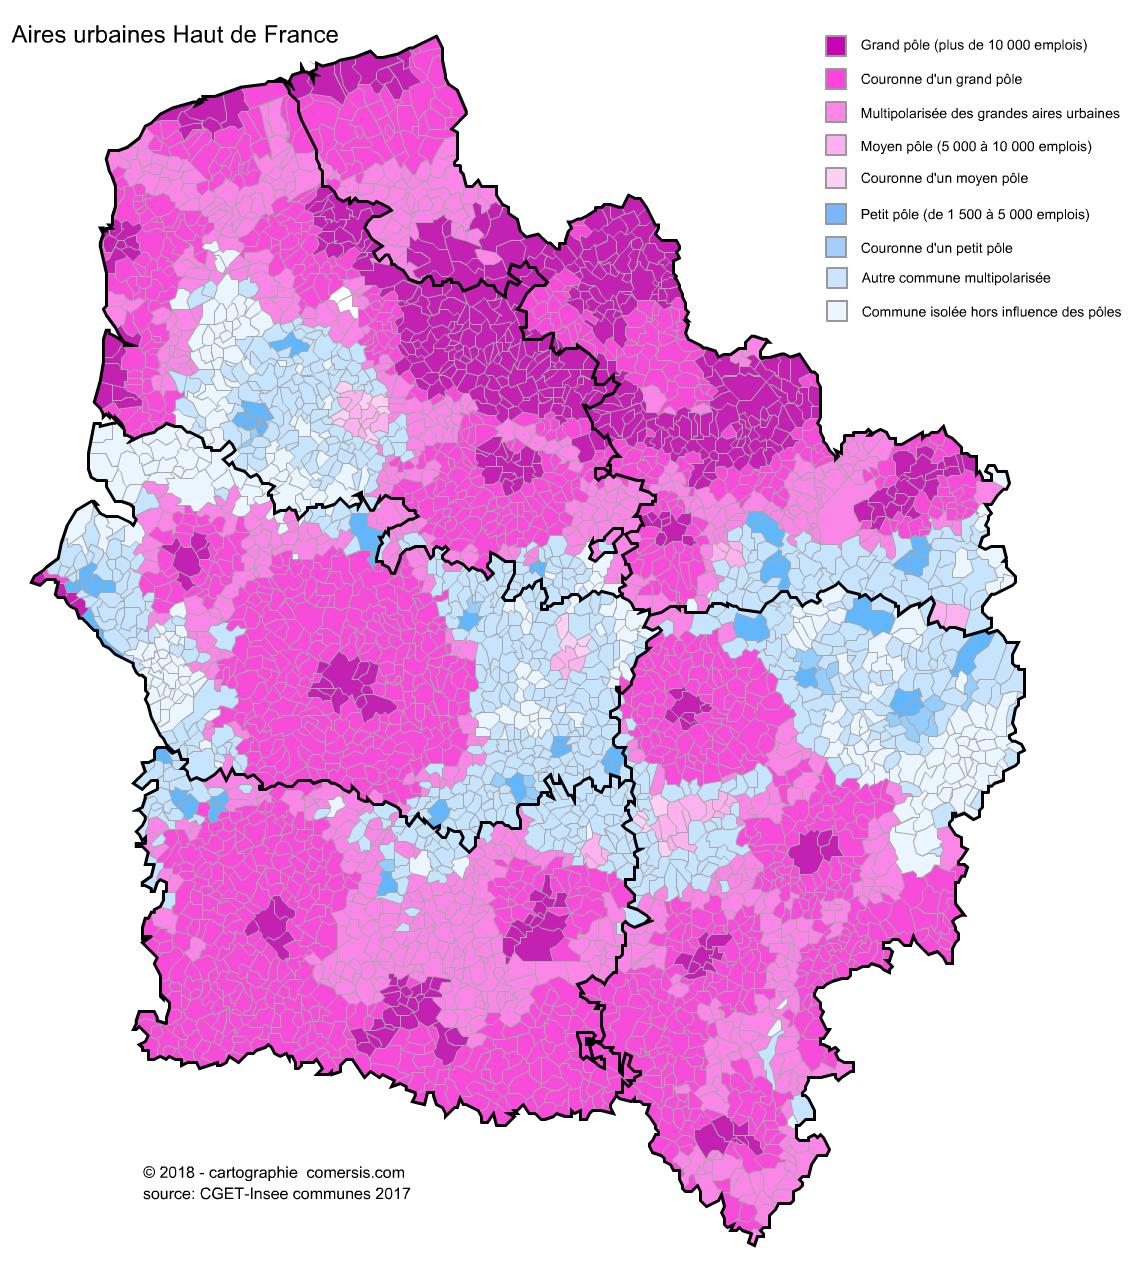 Carte des aires urbaines des Hauts de France